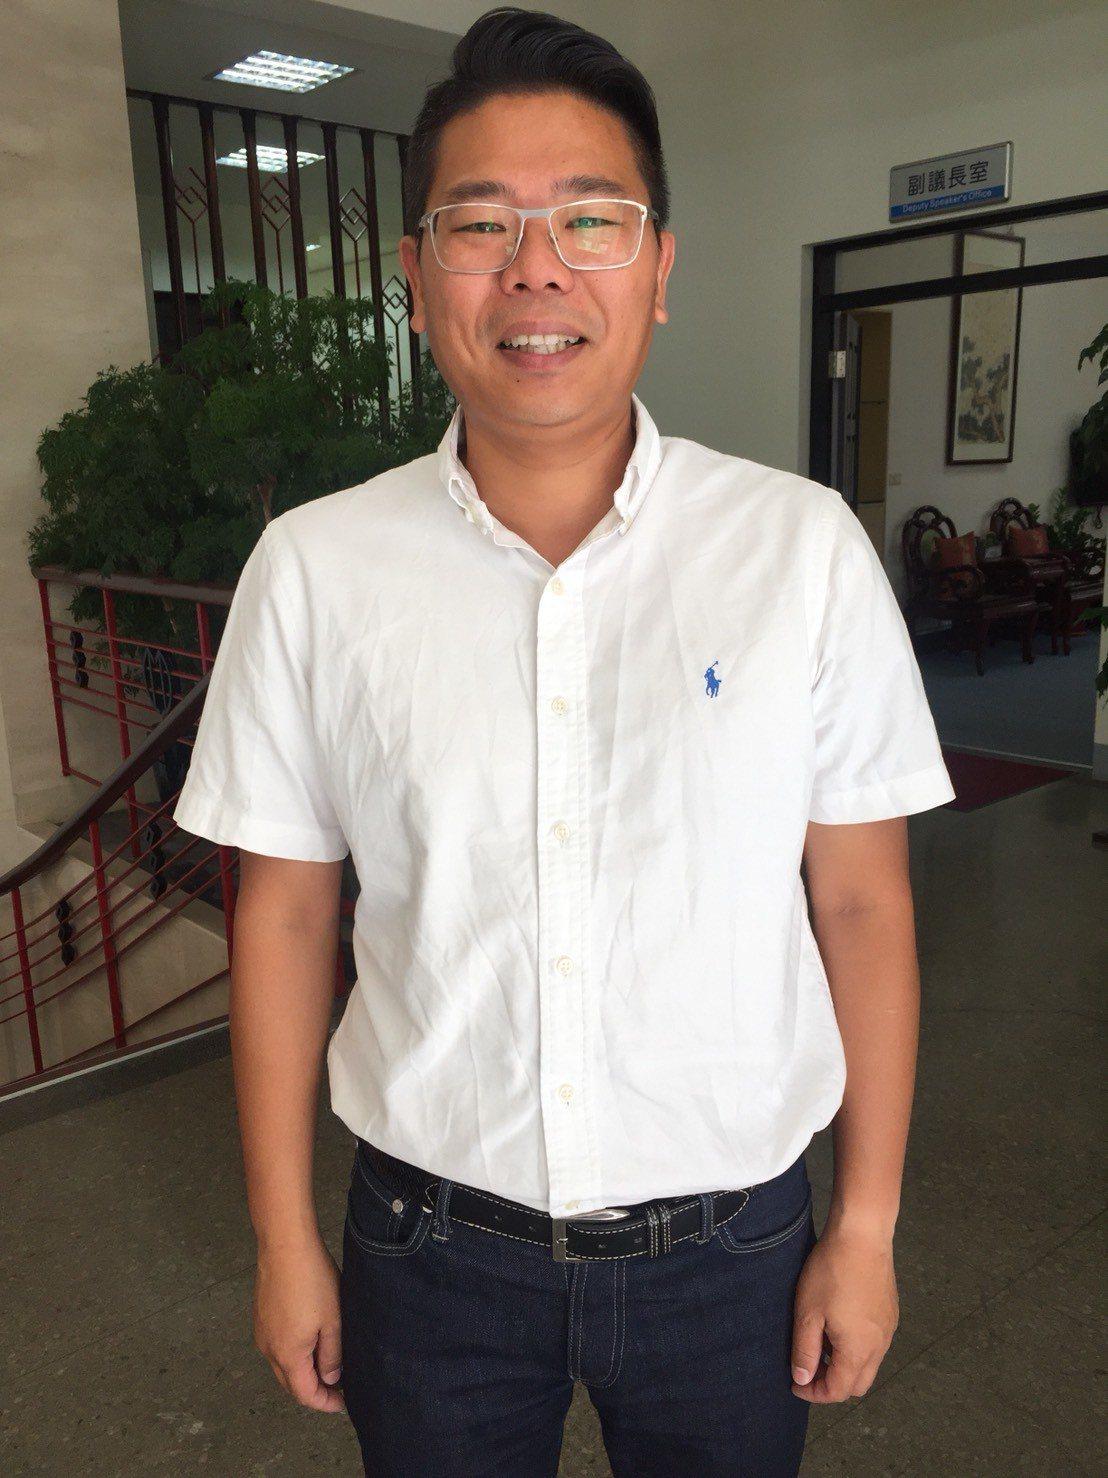 新竹市議員林盈徹因從小聽力受損、配戴電子耳,他肯定市府在議會推動同步聽打服務,讓...